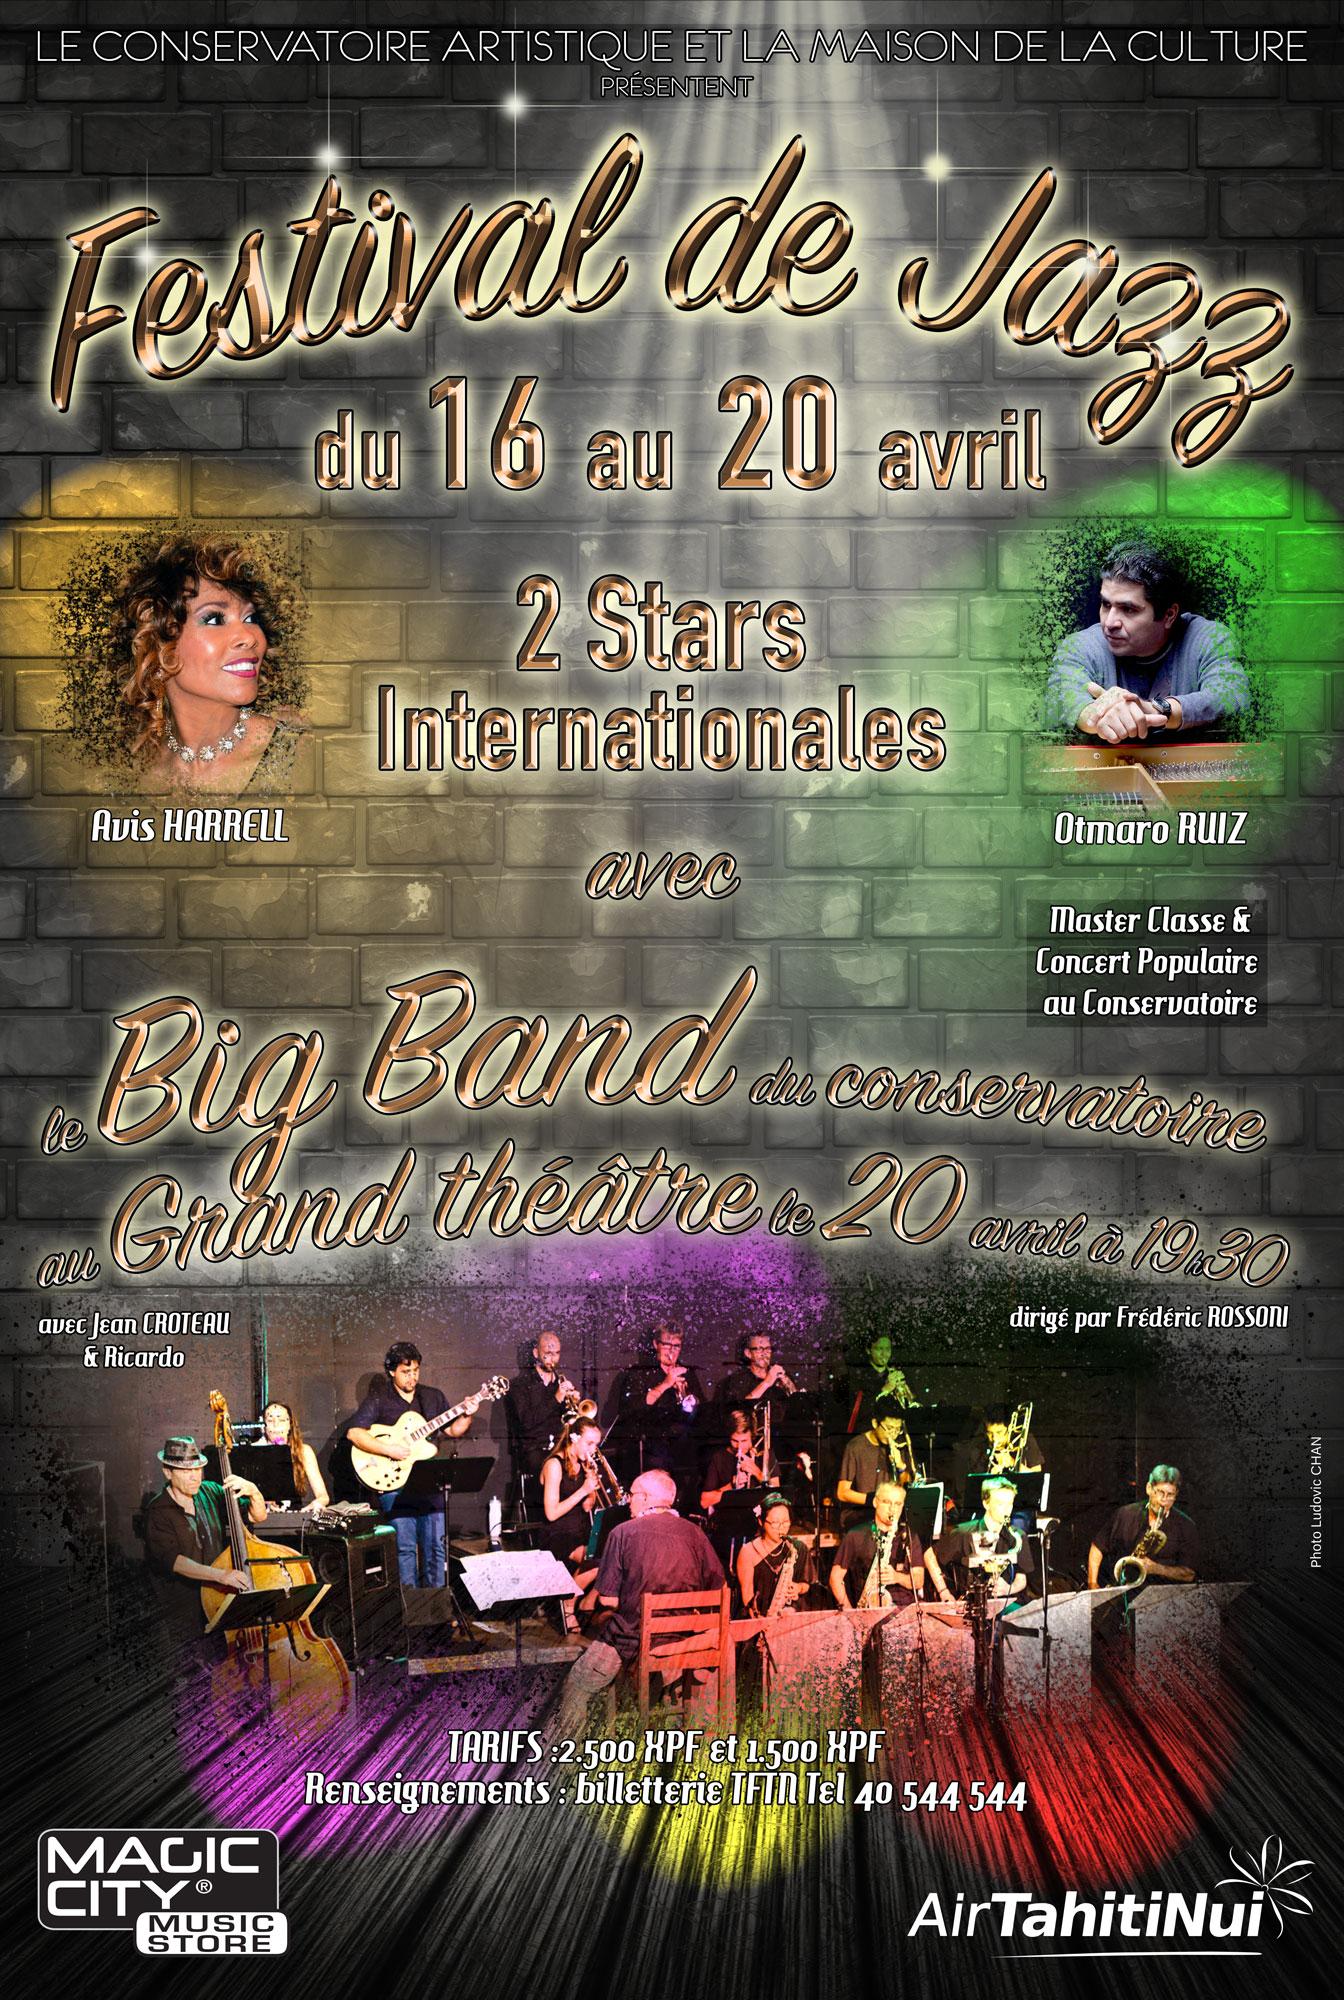 Le premier Festival international de jazz aura lieu du 16 au 20 avril à Papeete.